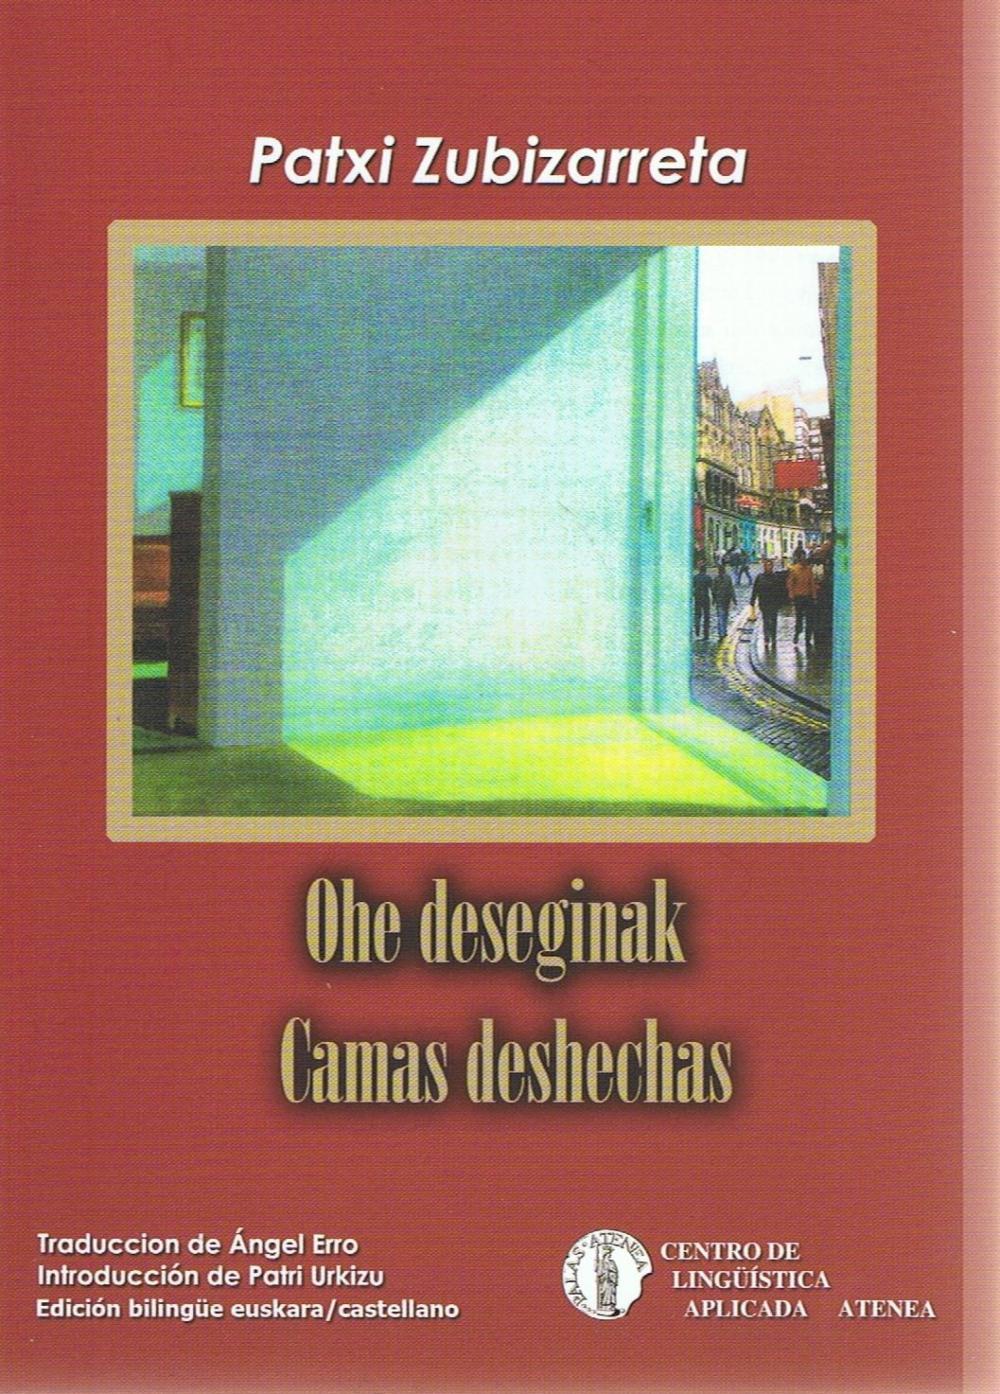 Ohe deseginak/Camas deshechas